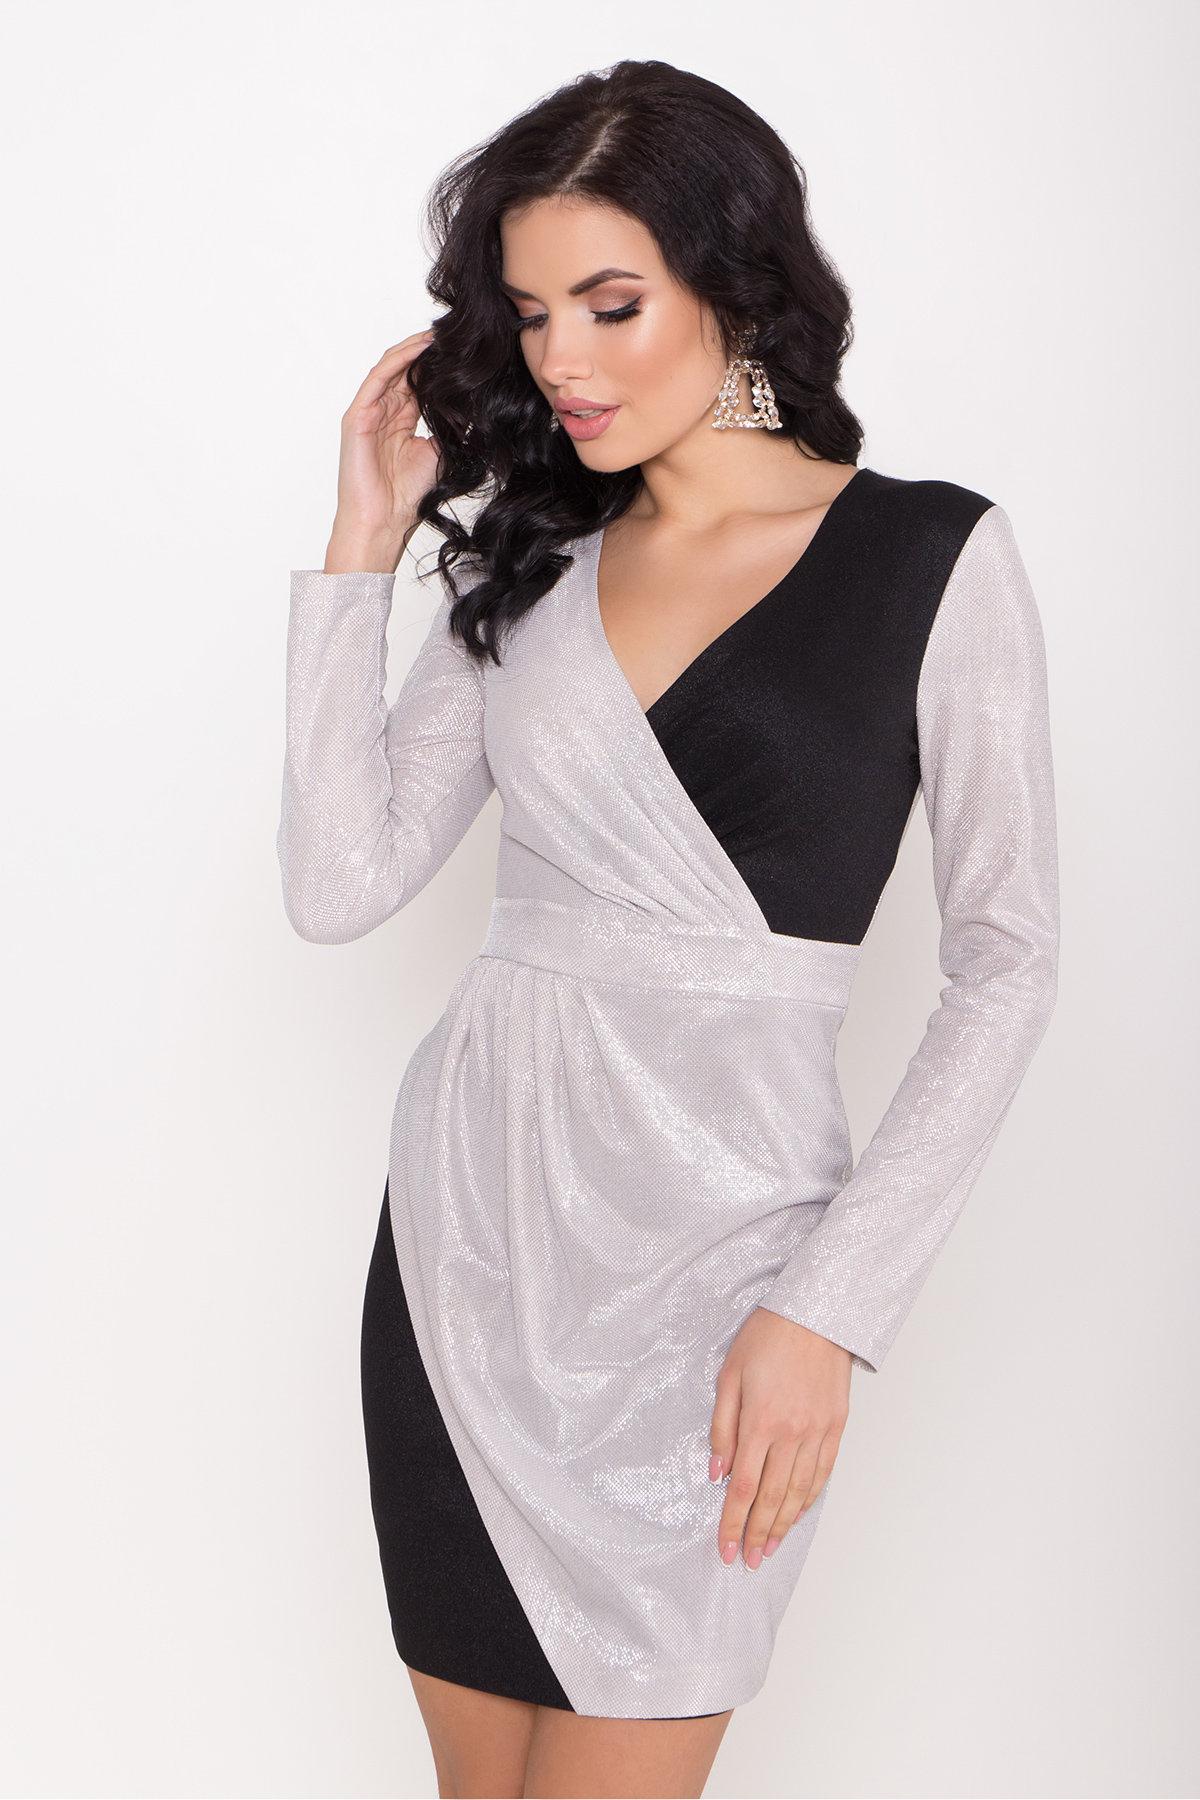 Контрастное двухцветное платье Блеск 8670 АРТ. 44988 Цвет: Серебро/черный - фото 3, интернет магазин tm-modus.ru